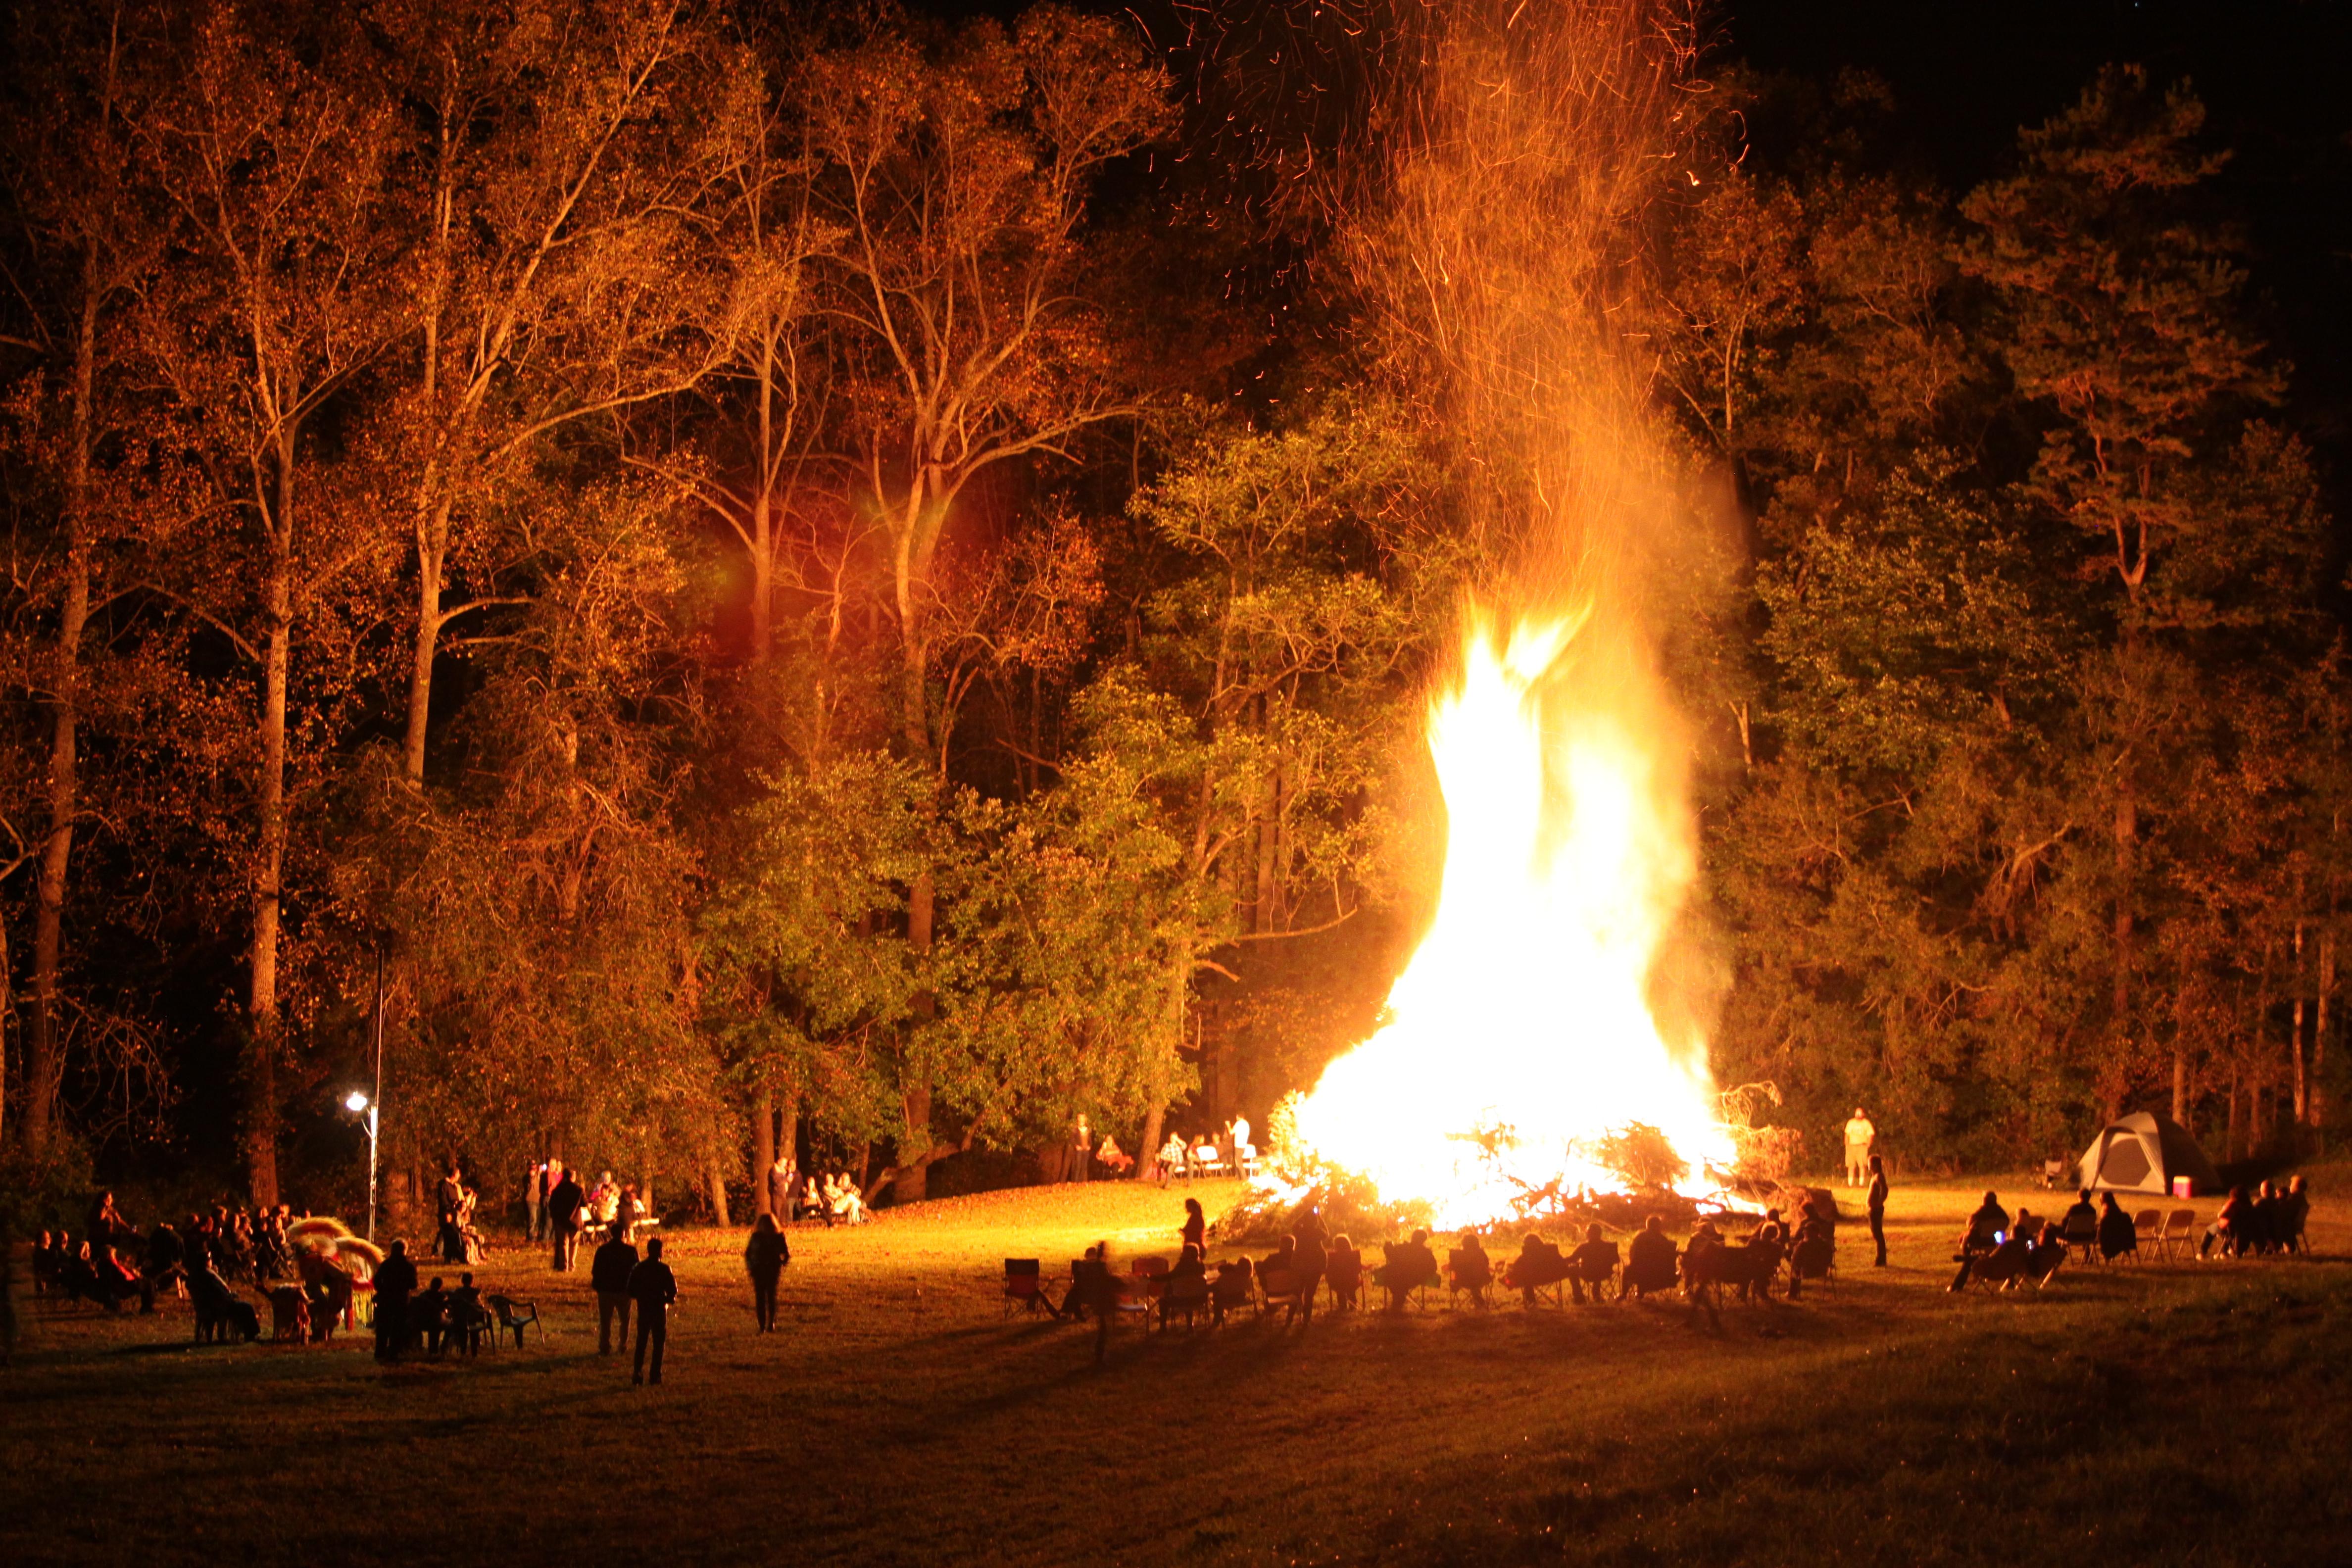 Chief's Great Bonfire Banquet